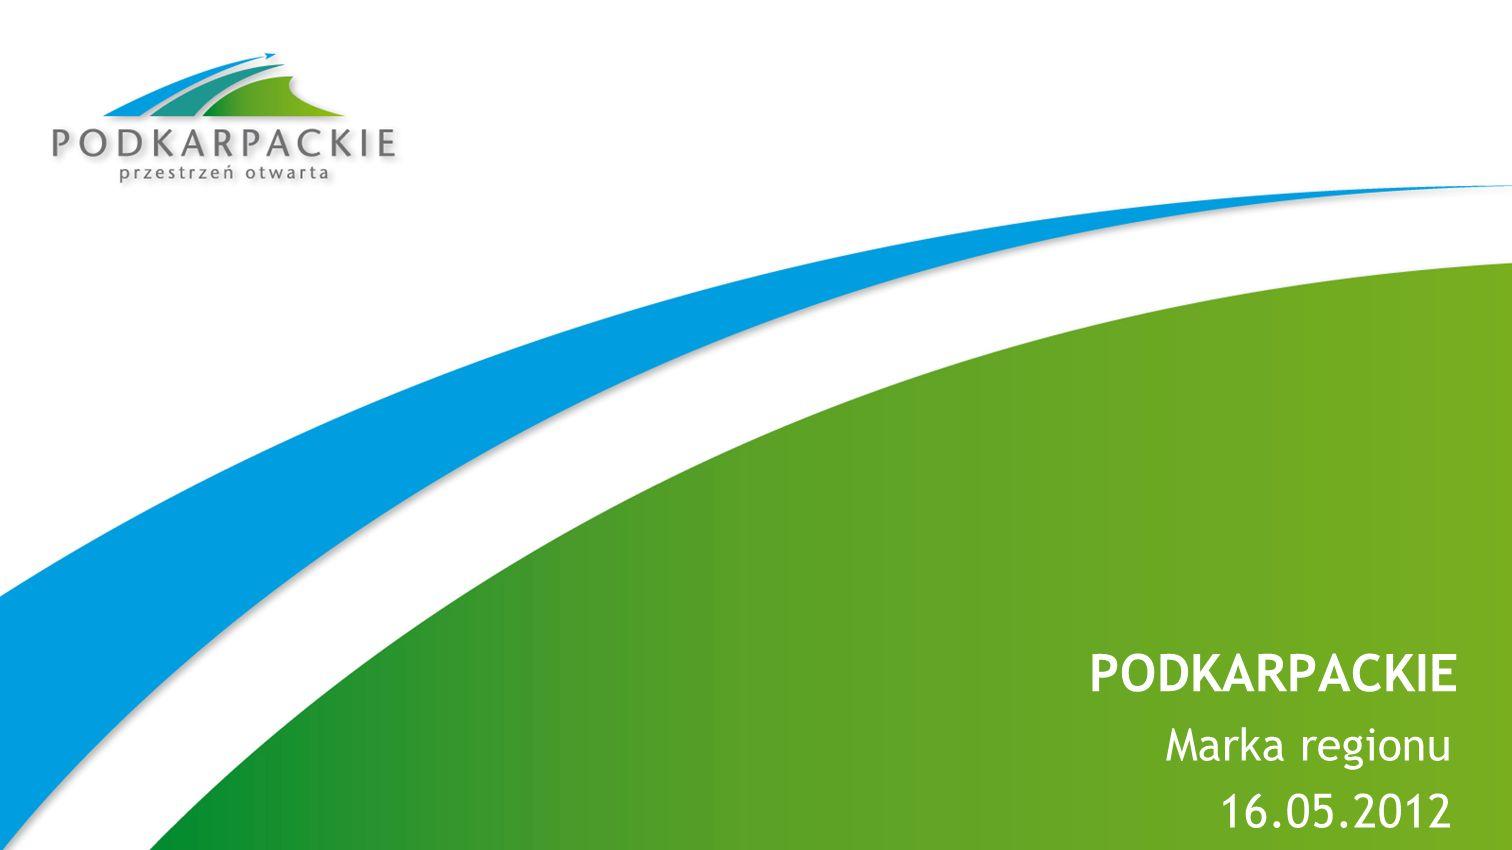 Działania promocyjne w Brukseli 13.05.2012 Explore Podkarpackie (Odkryj Podkarpackie) - przy okazji Święta Alei Tervueren, nawiązywało do zaplanowanych już wcześniej przez Departament Promocji i Turystyki prezentacji regionu jako innowacyjnego, otwartego na nowe pomysły, atrakcyjnego praktycznie dla każdego rodzaju turysty Drugie wydarzenie planujemy zorganizować w drugiej połowie lipca, w czasie największego nasilenia ruchu turystycznego.